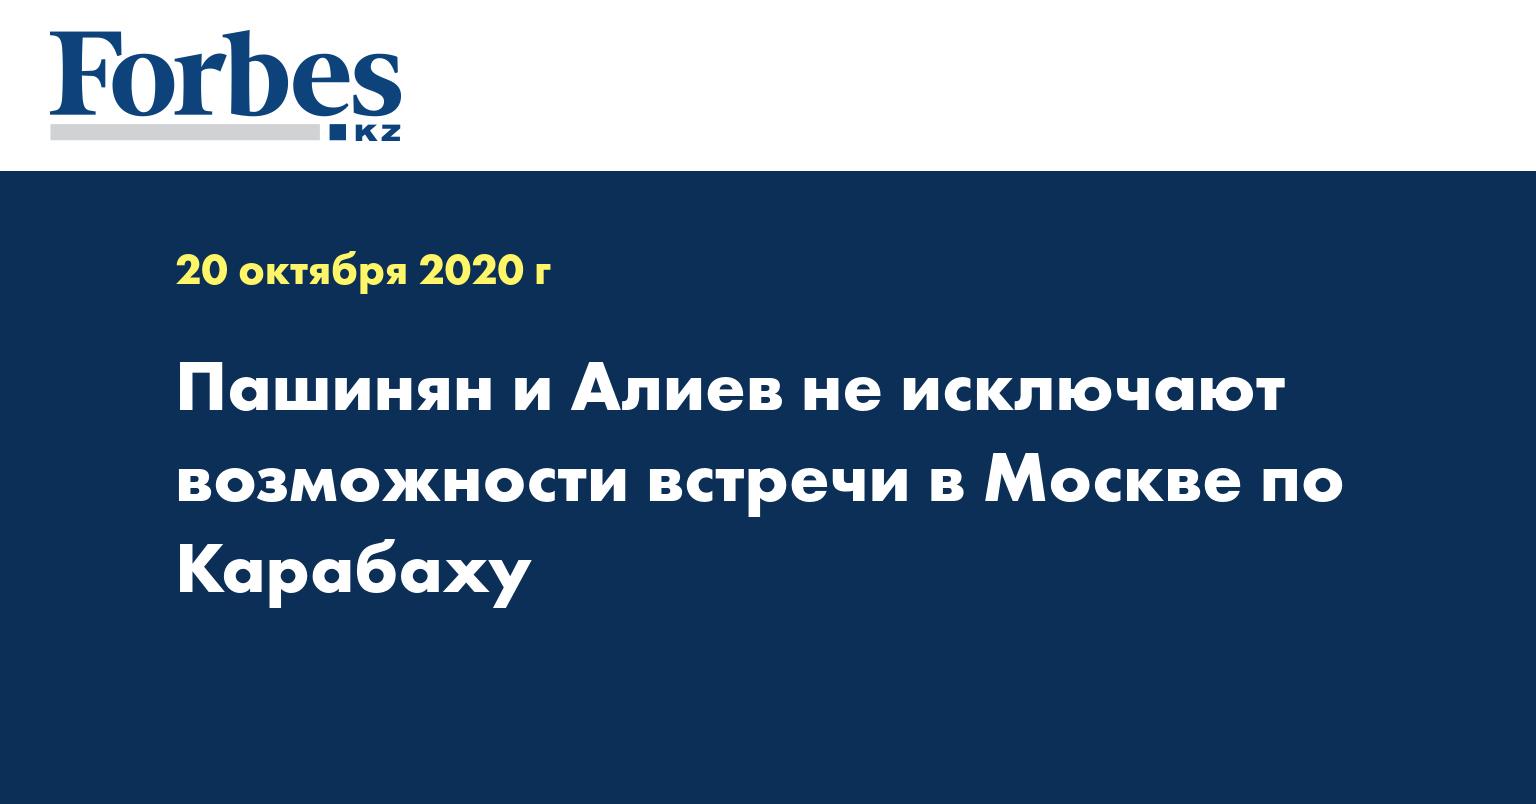 Пашинян и Алиев не исключают возможности встречи в Москве по Карабаху